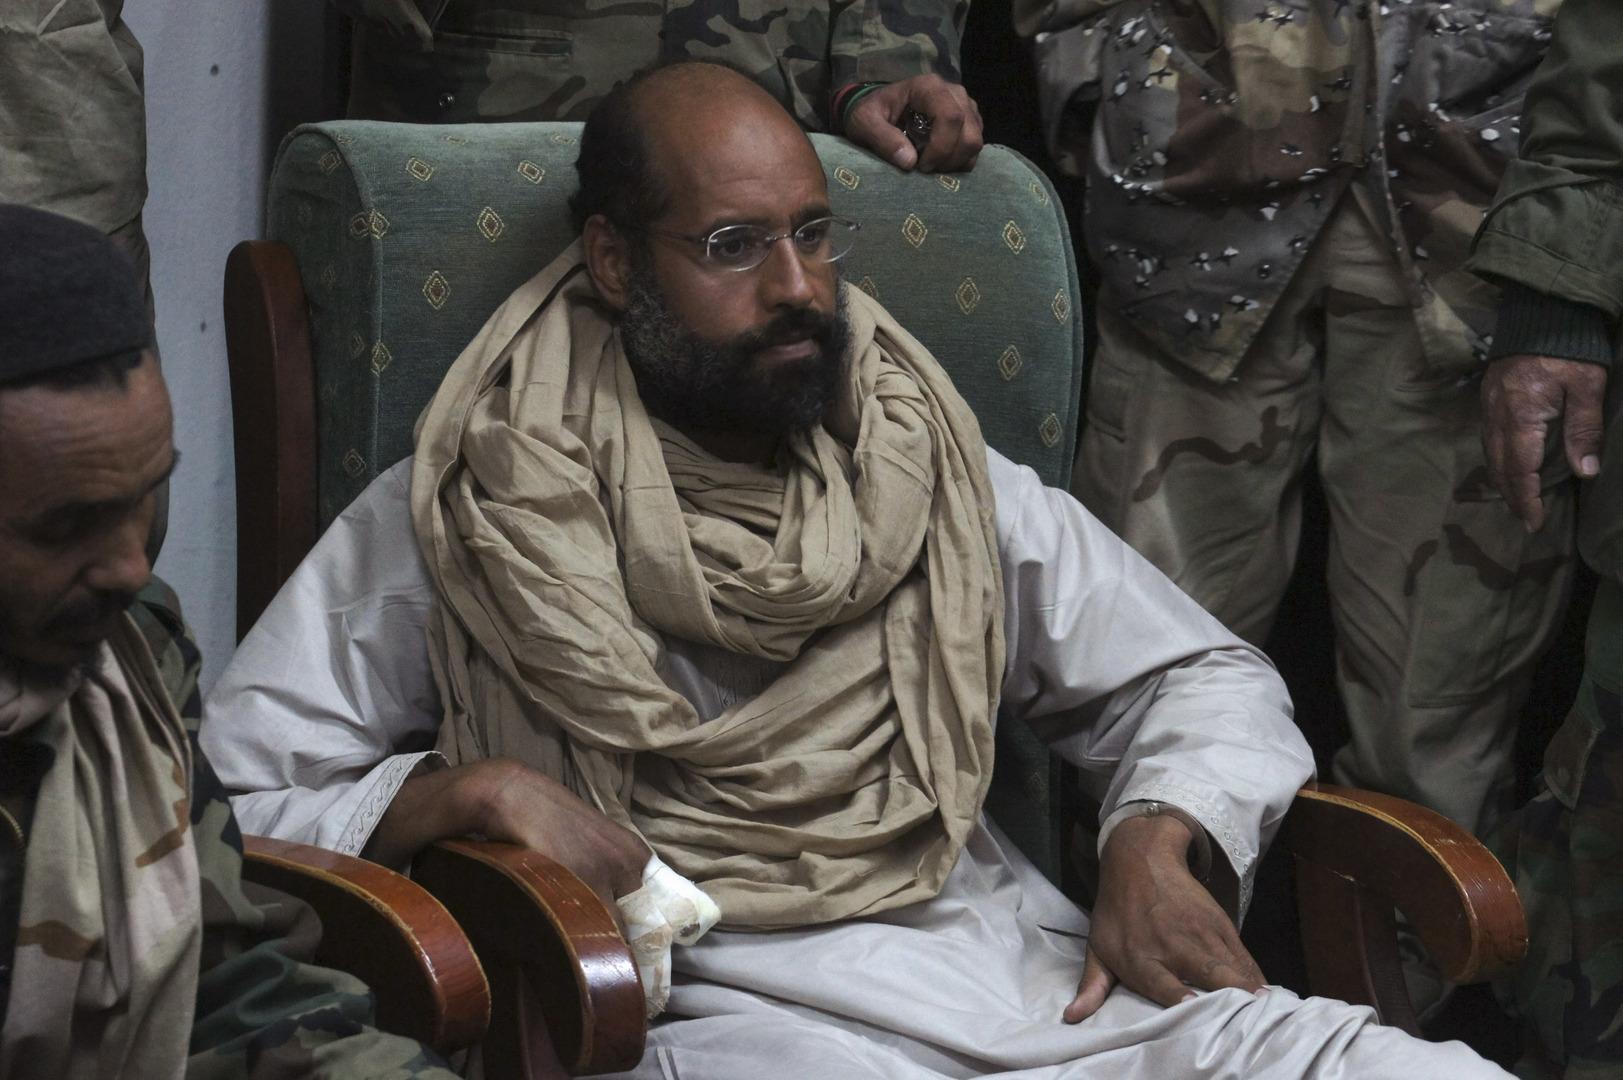 سيف الإسلام معمر القذافي يكشف تفاصيل حادثة في السجن غيرت مجرى حياته